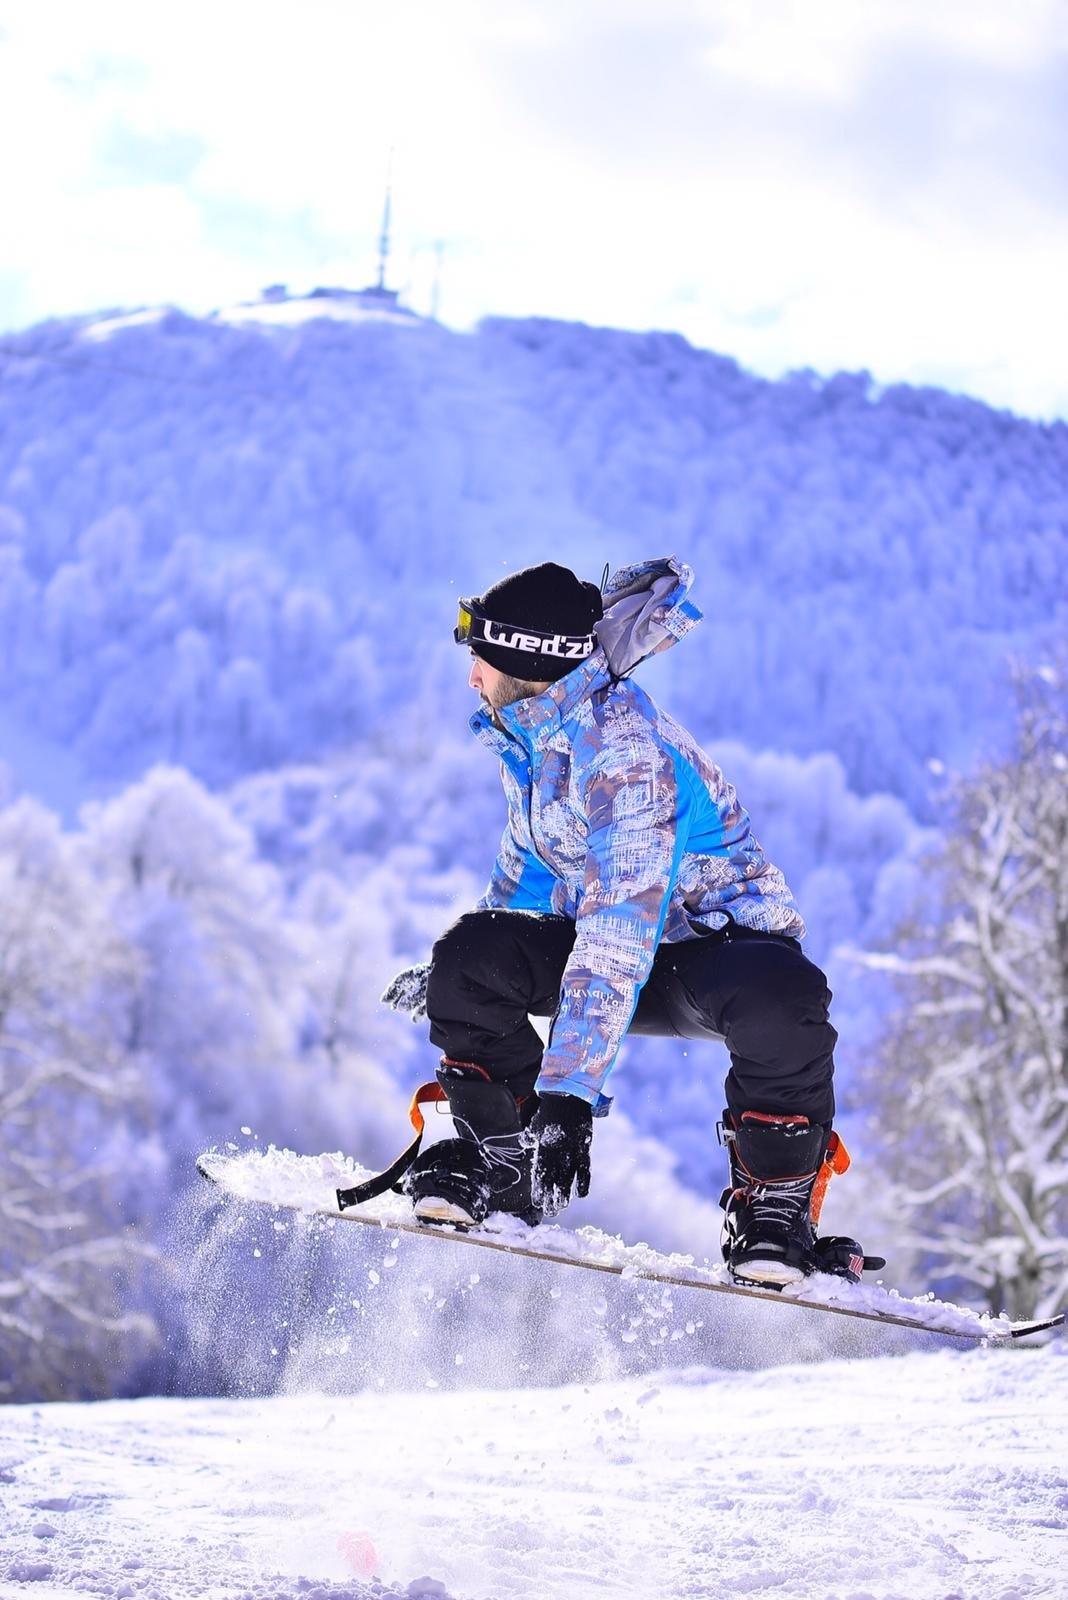 A snowboarder soars through the air at Kartepe, Kocaeli, Jan. 23, 2021. (DHA Photo)